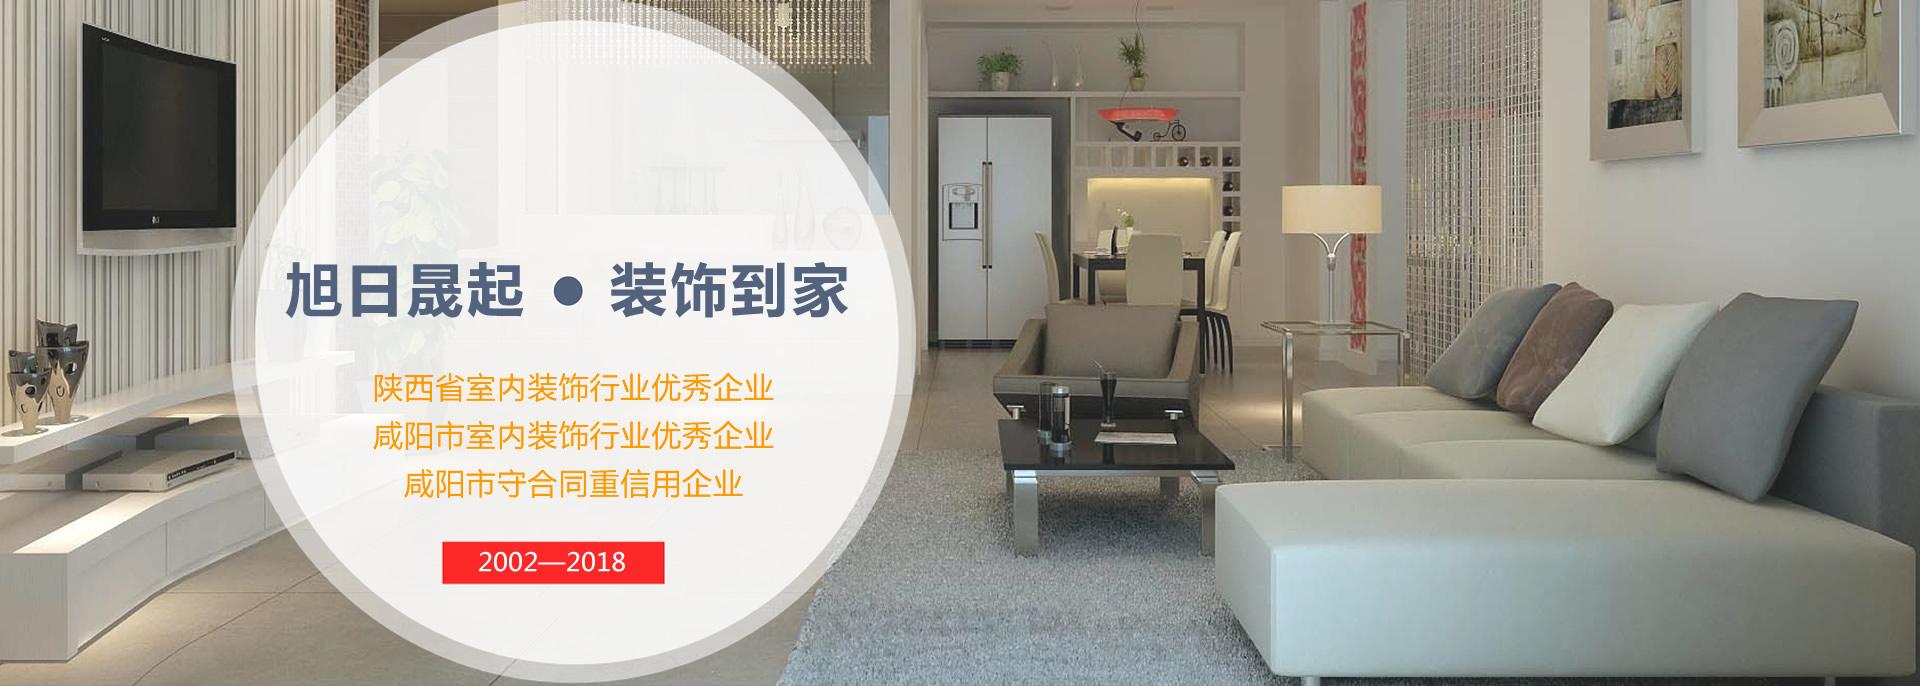 咸阳黑龙江11选5基本走势图公司